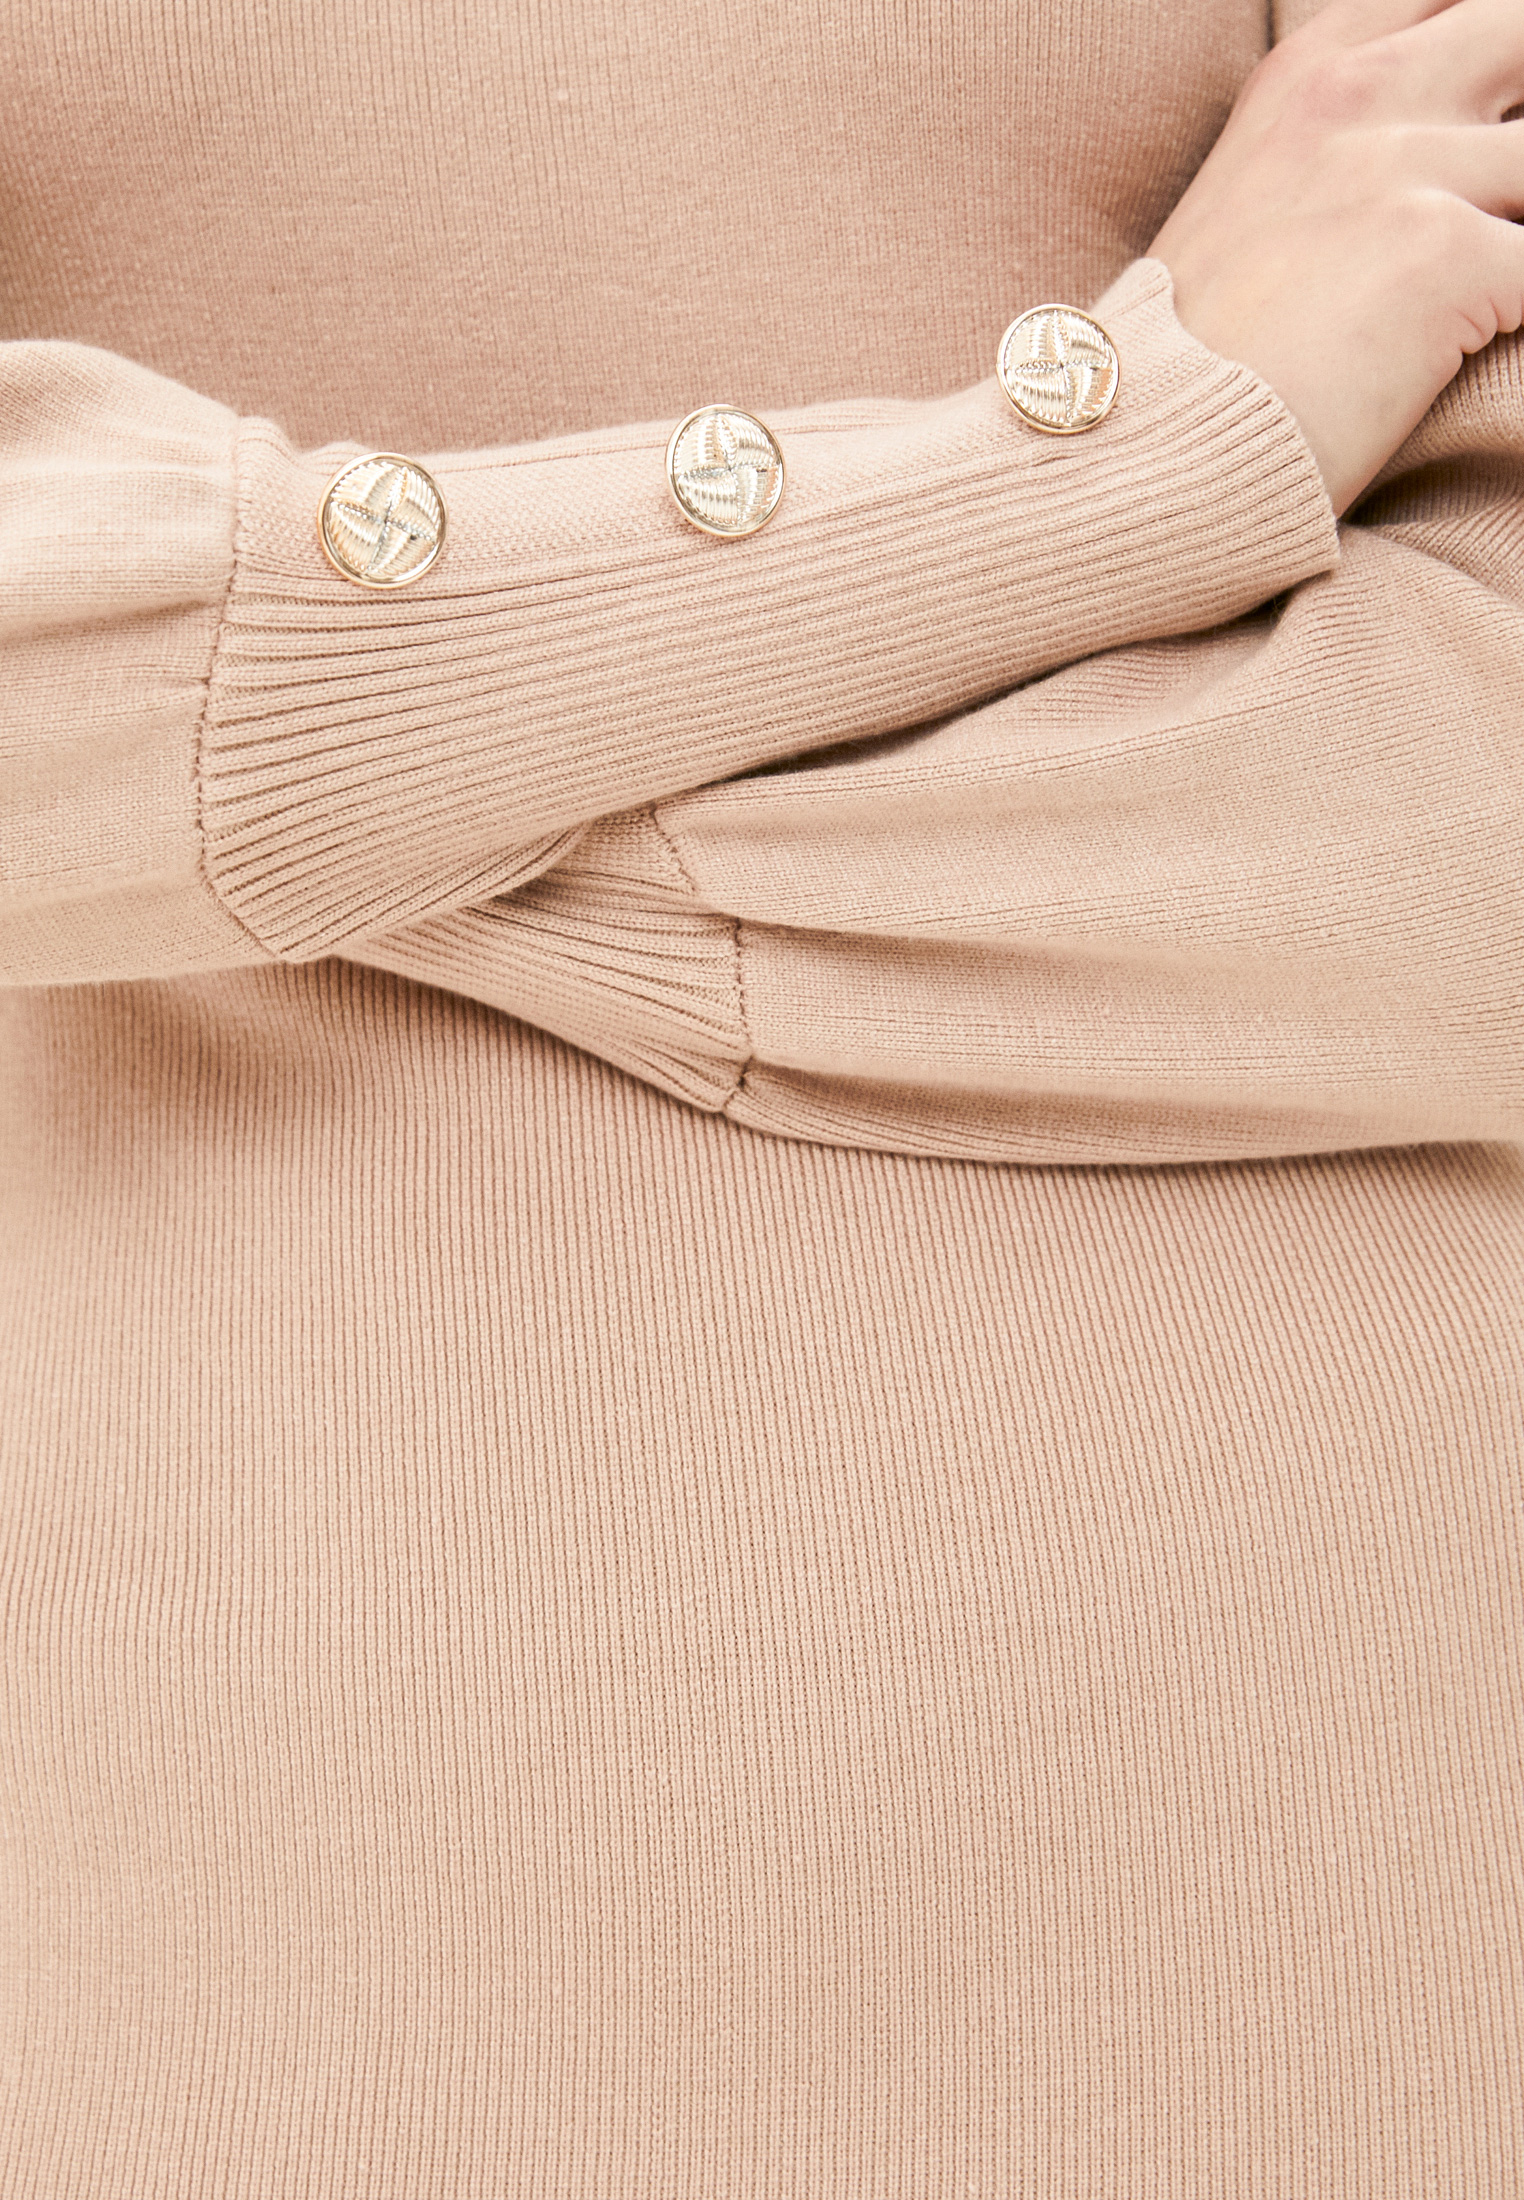 Вязаное платье Bigtora 221: изображение 4